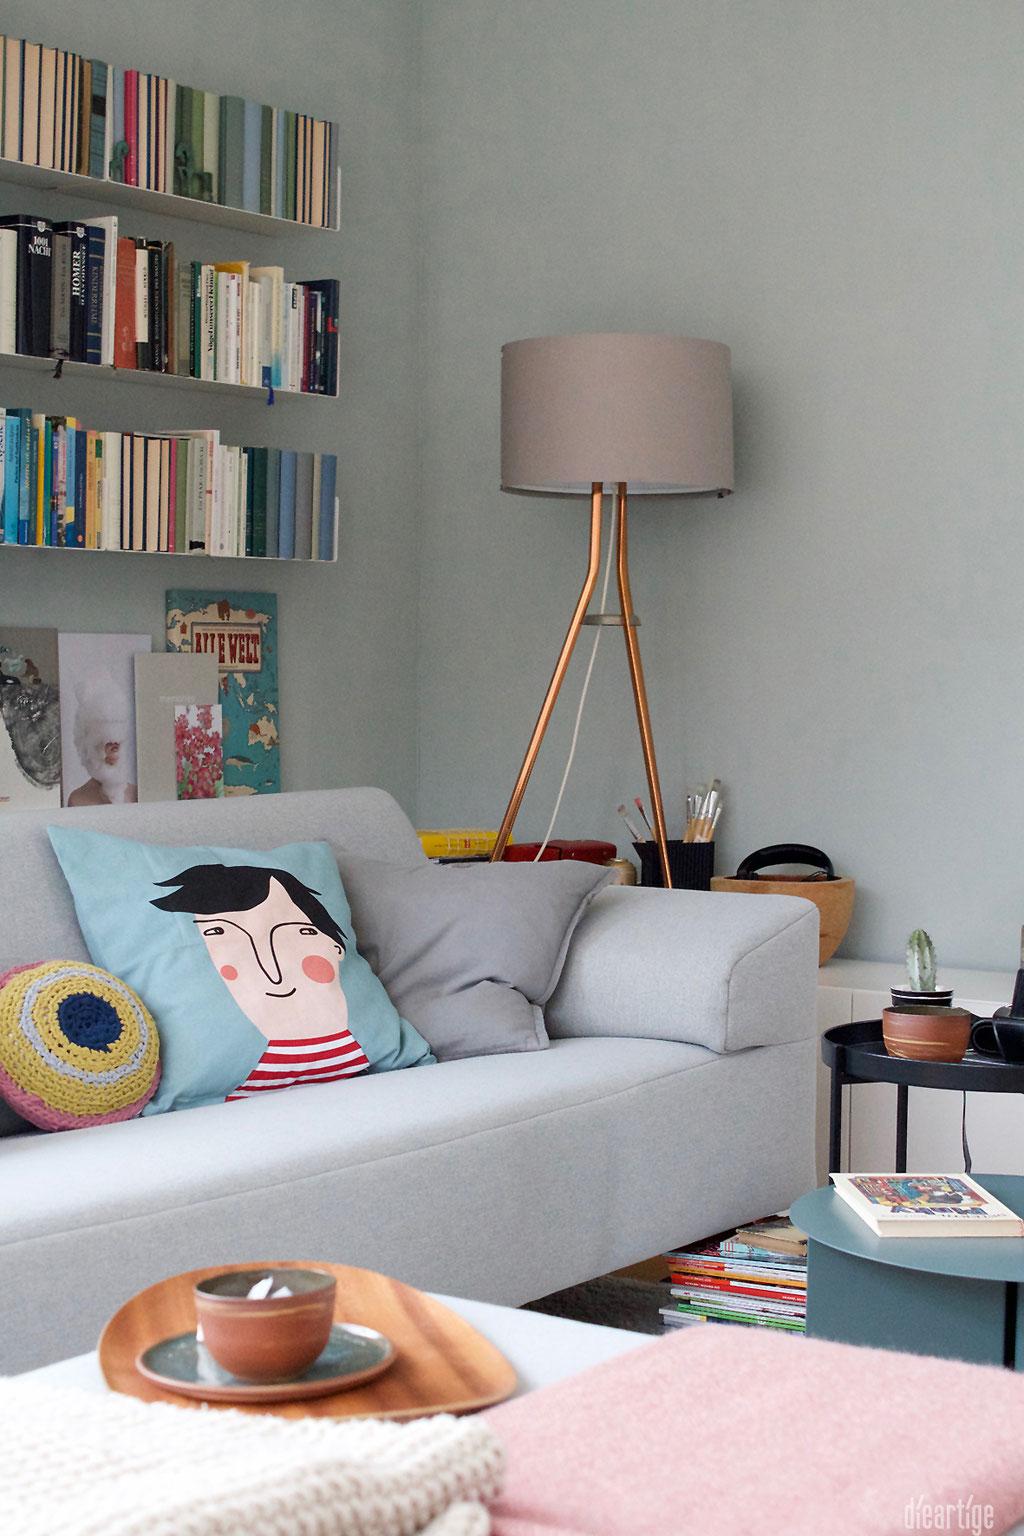 dieartigeBLOG - Im Wohnzimmer wird es bunt, Salbei, hellblau, senf, rosa, hellgrau und gelb